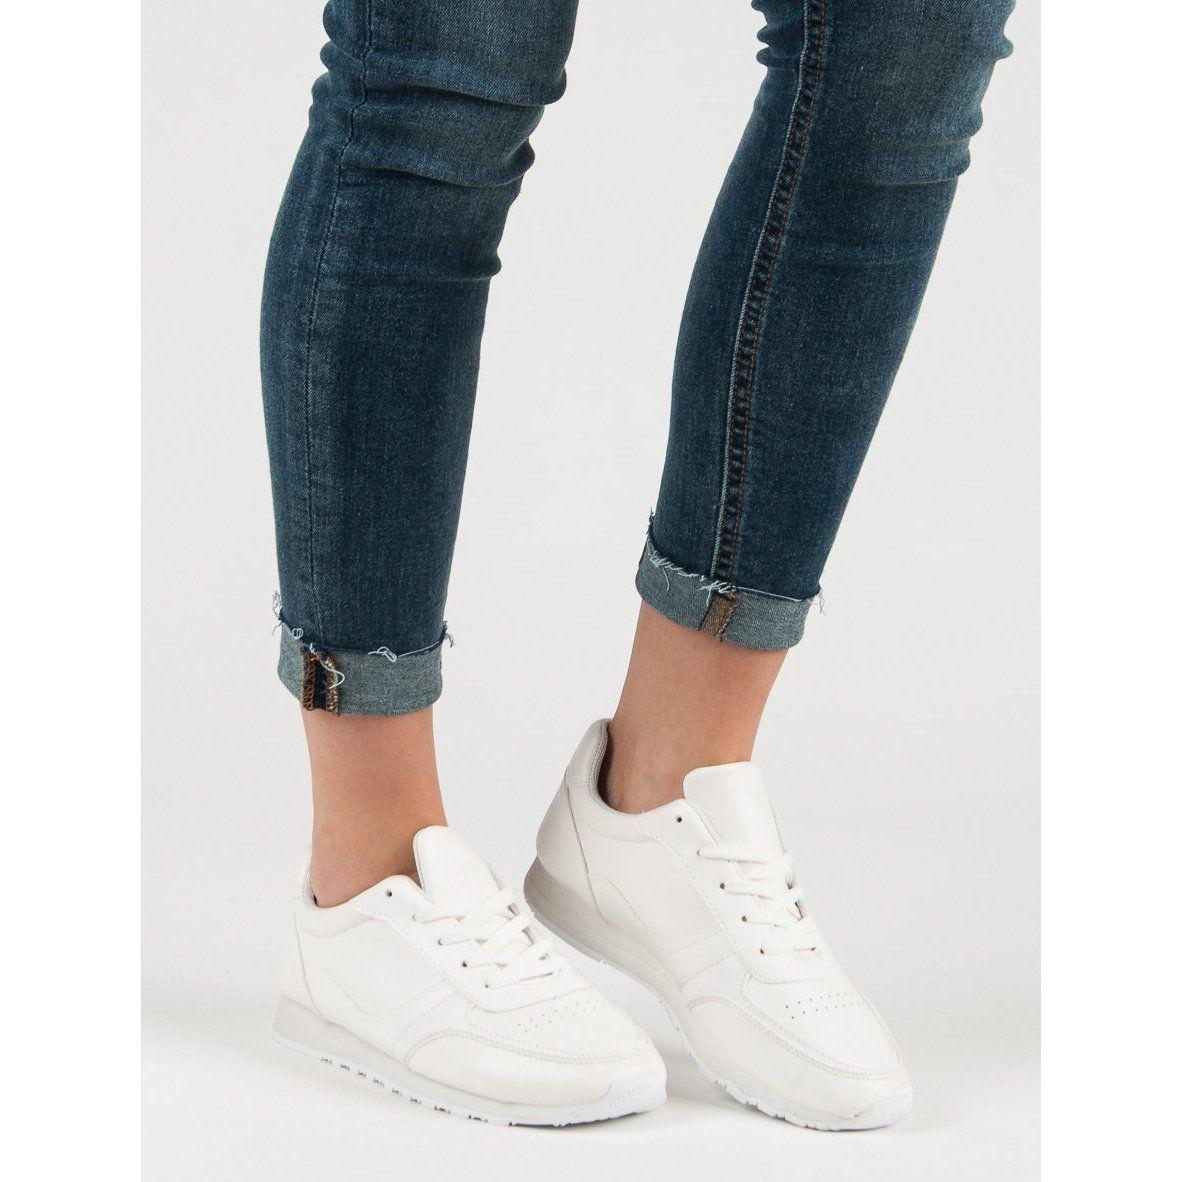 Jumex Wygodne Buty Sportowe Biale Shoes White Sneaker Sneakers